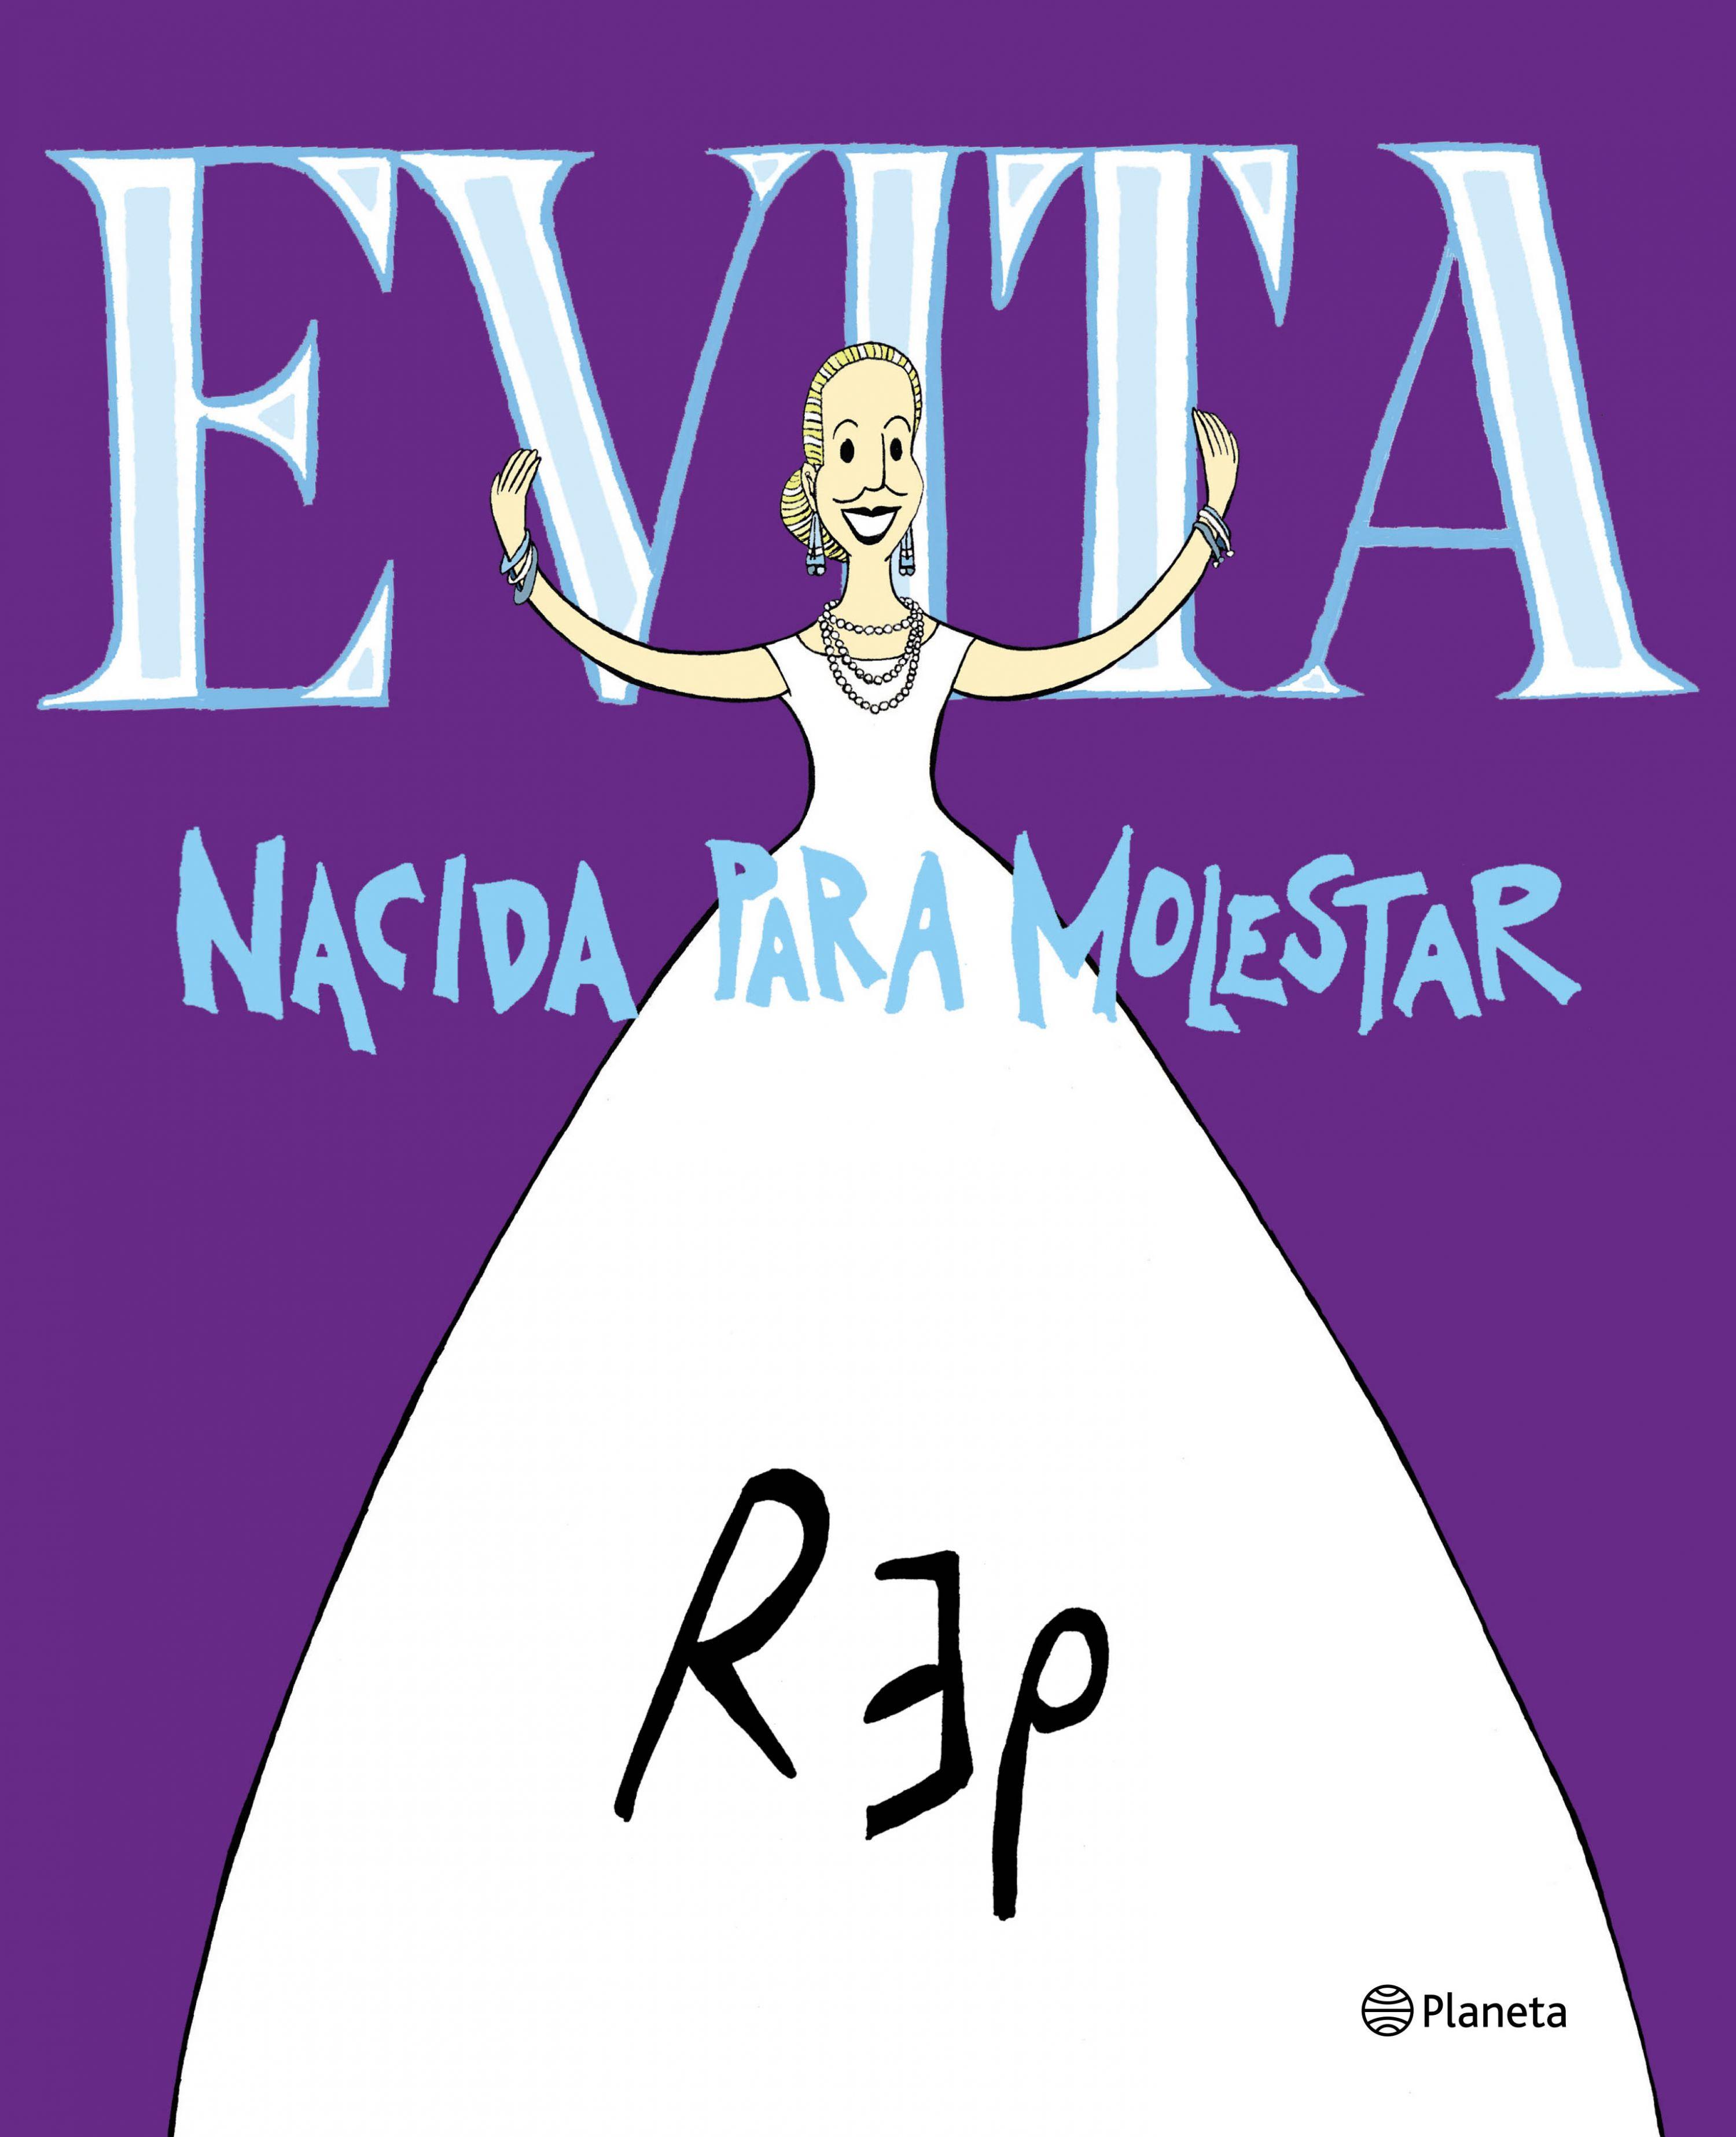 Este viernes 23 de agosto, a las 18.30 horas, el reconocido dibujante Rep visitará nuevamente nuestra ciudad en el marco de las actividades del Ciclo Evita 100 años de amor.